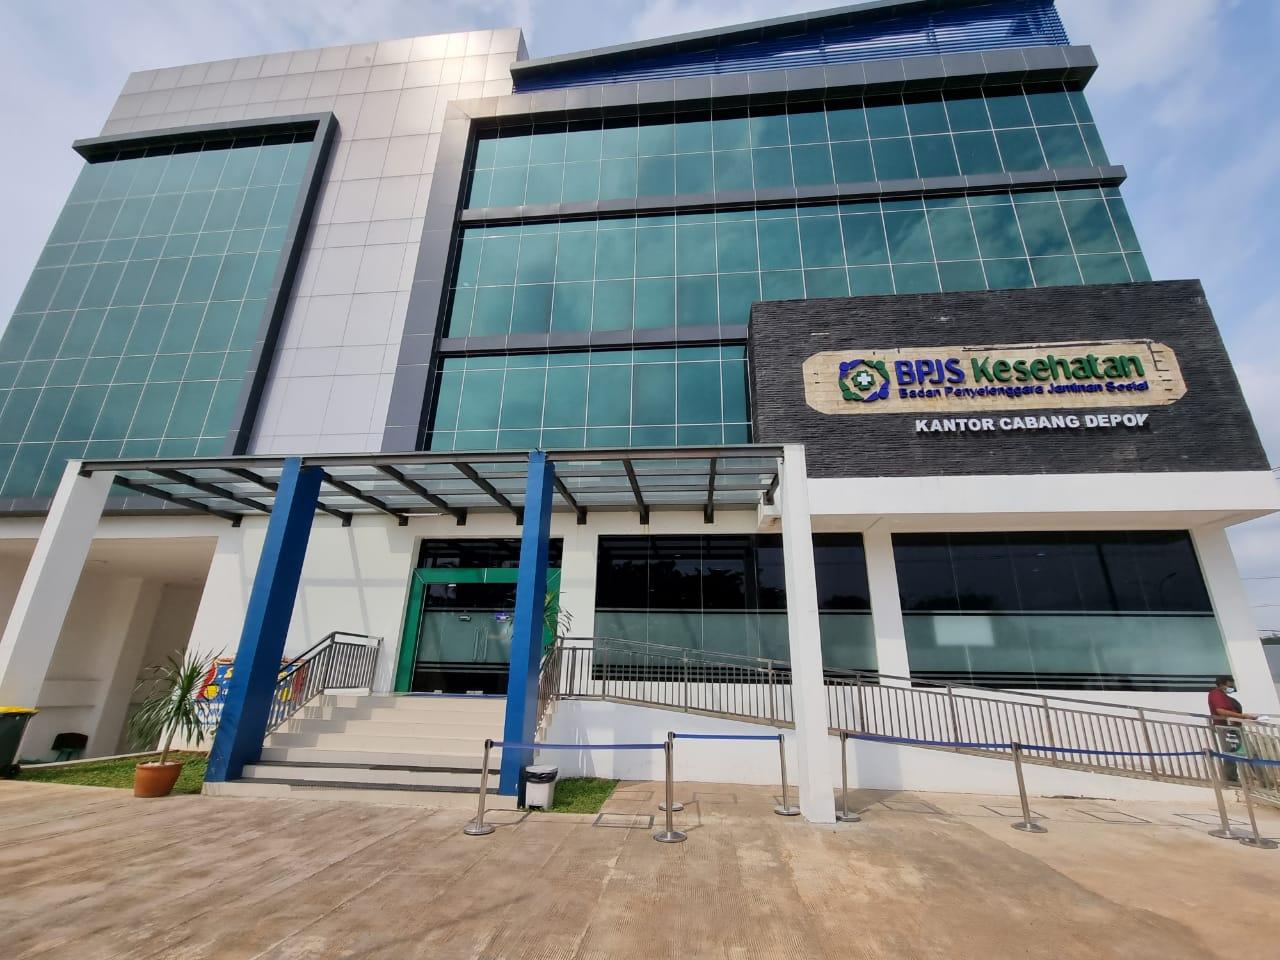 Kantor Pelayanan Bpjs Kesehatan Depok Pindah Ke Sebelah Alun Alun Kota Depokrayanews Com